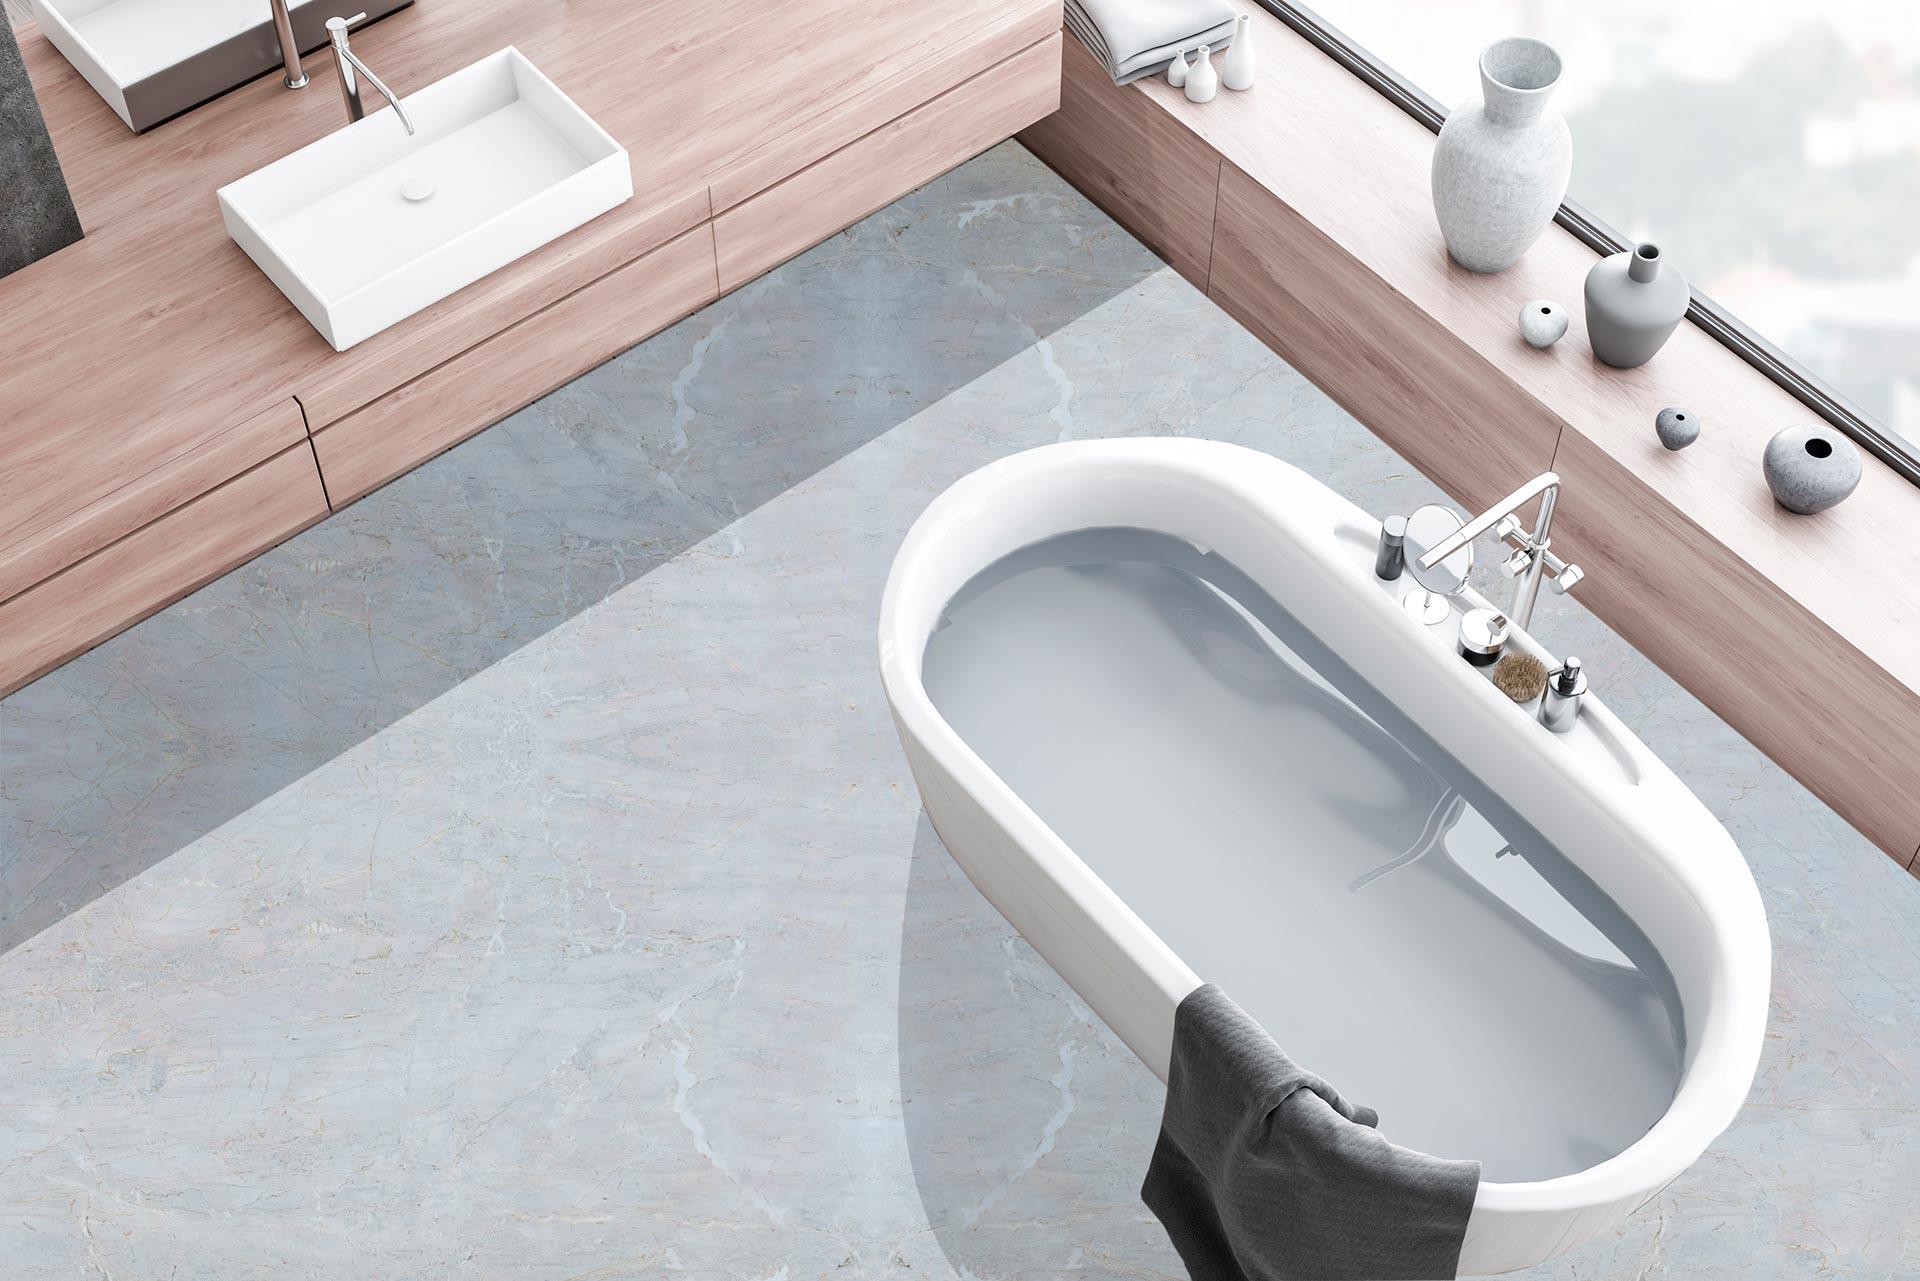 marble calacatta grigio bathromm